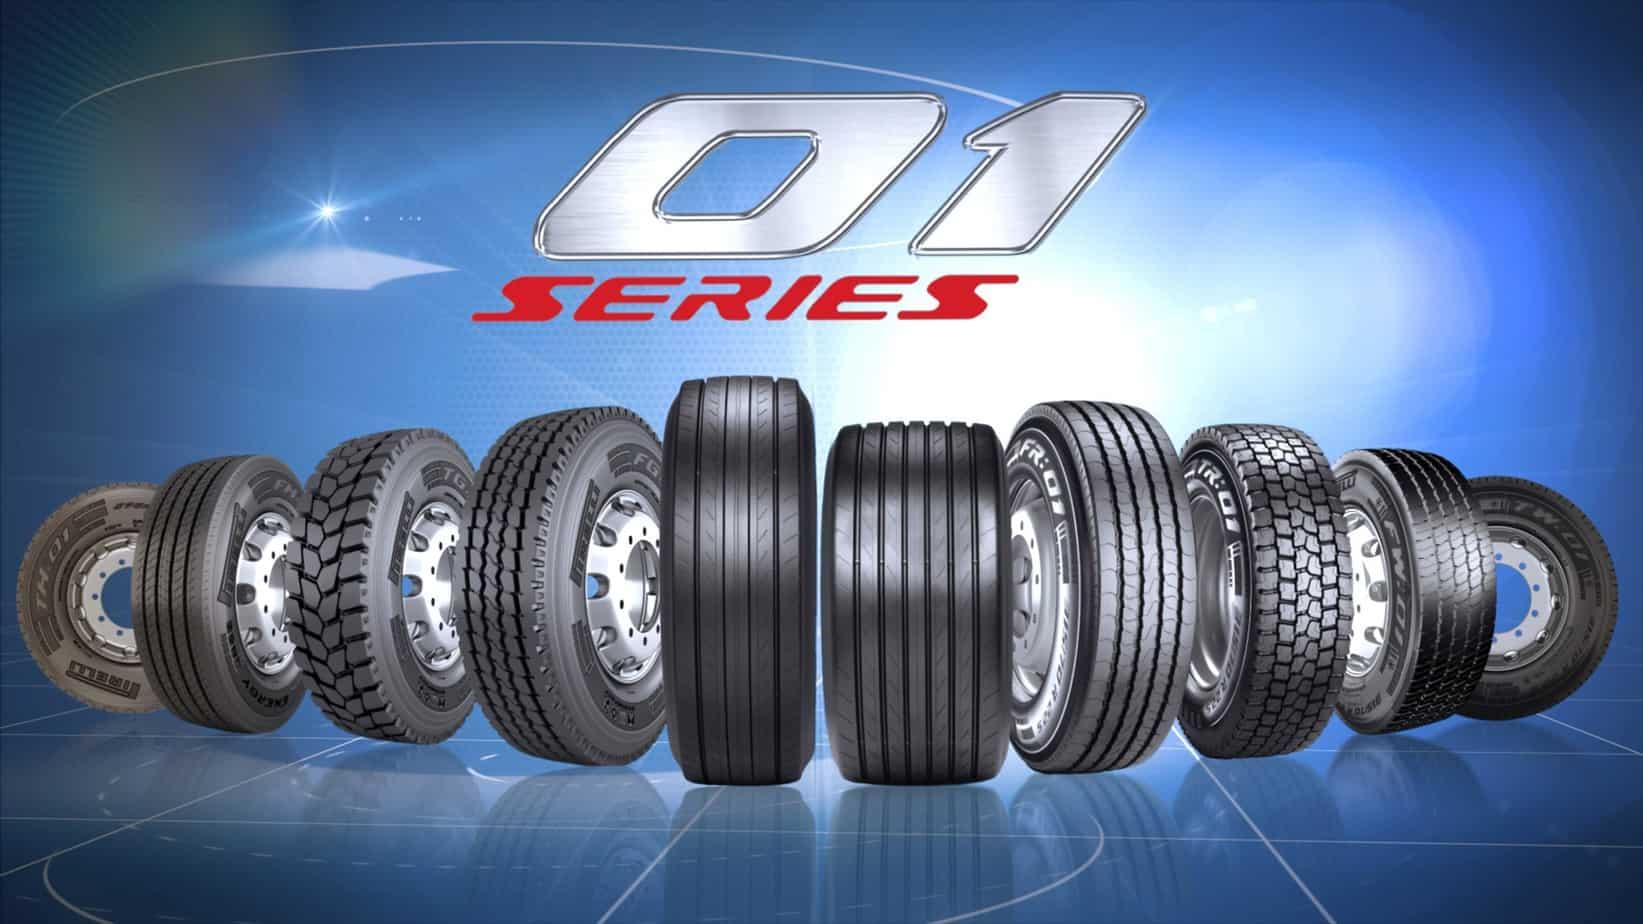 La Serie 01 è la gamma di pneumatici per veicoli industriali che, grazie alla riduzione delle emissioni inquinanti, assicura economicità di esercizio, sicurezza e rispetto dell'ambiente